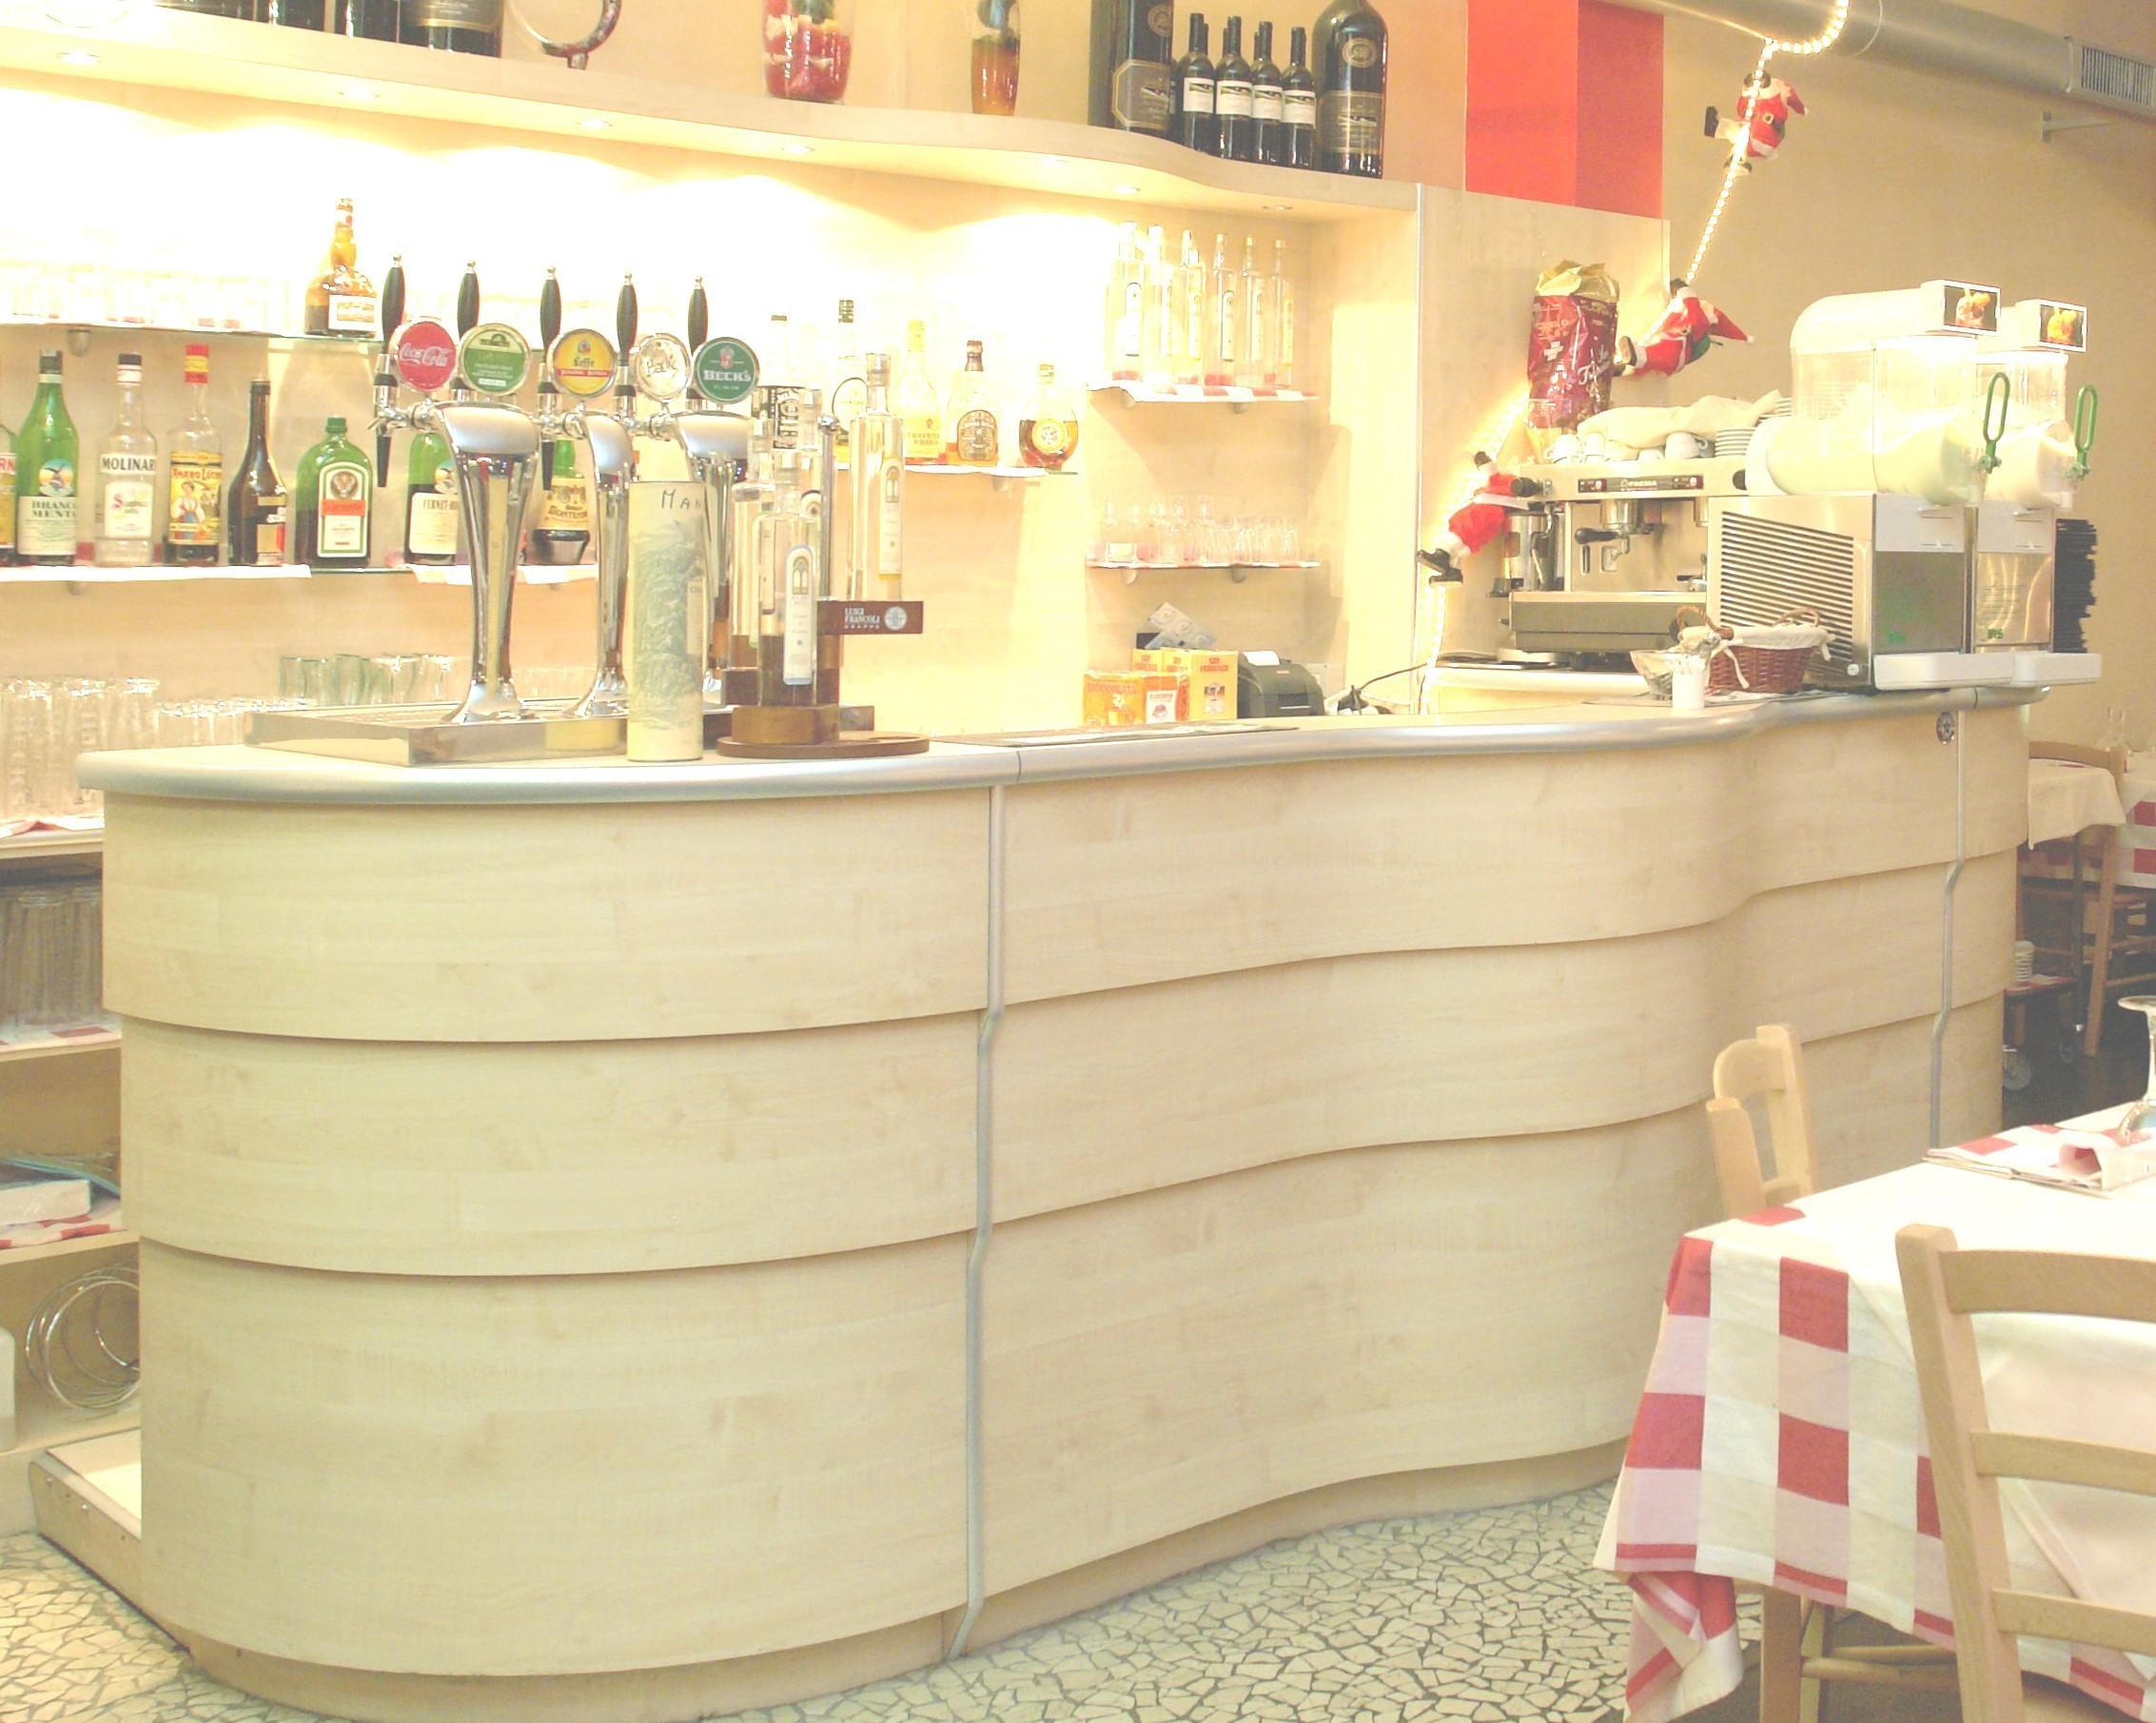 Banchi bar compra in fabbrica a met prezzo novit bar for Subito torino arredamenti